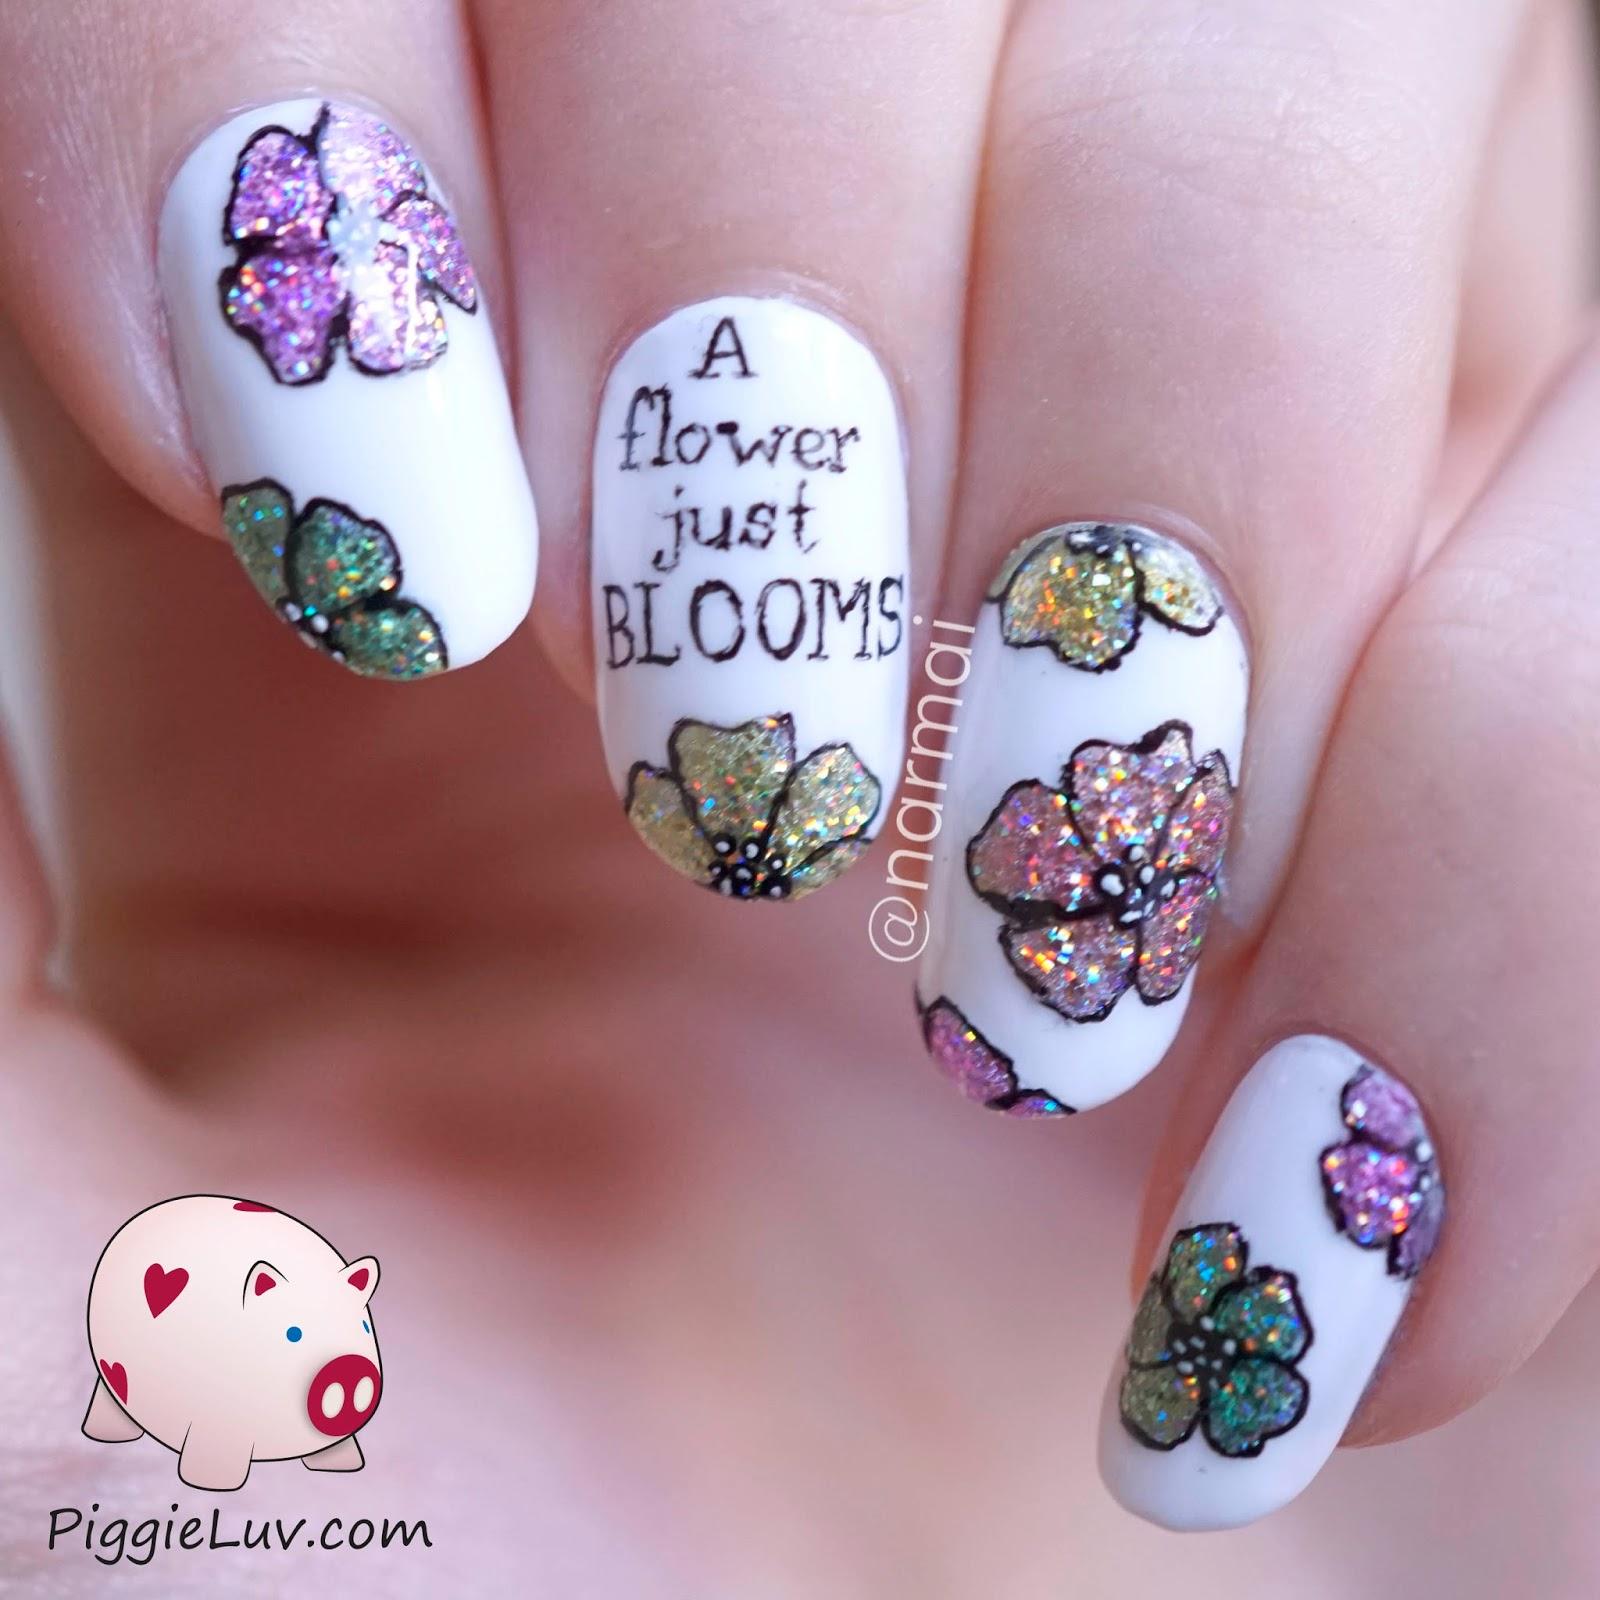 PiggieLuv: \'A flower just blooms\' glitter nail art